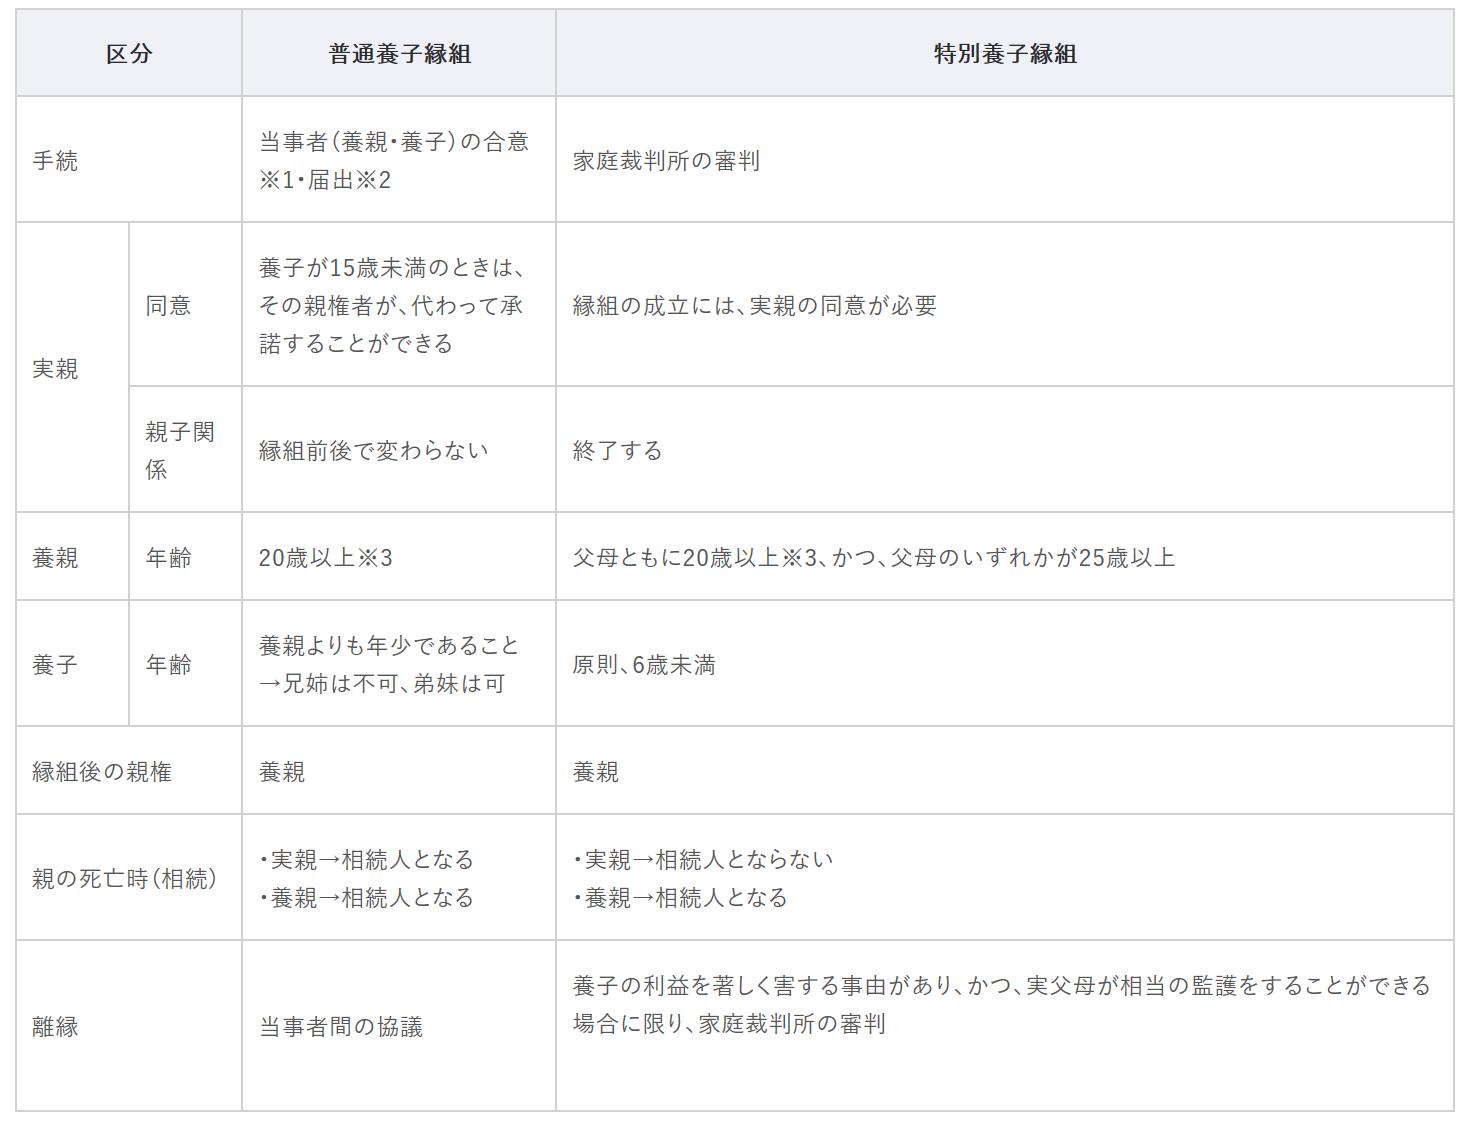 縁組 届 養子 大阪市:養子縁組届 (…>戸籍に関すること>養子に関すること)